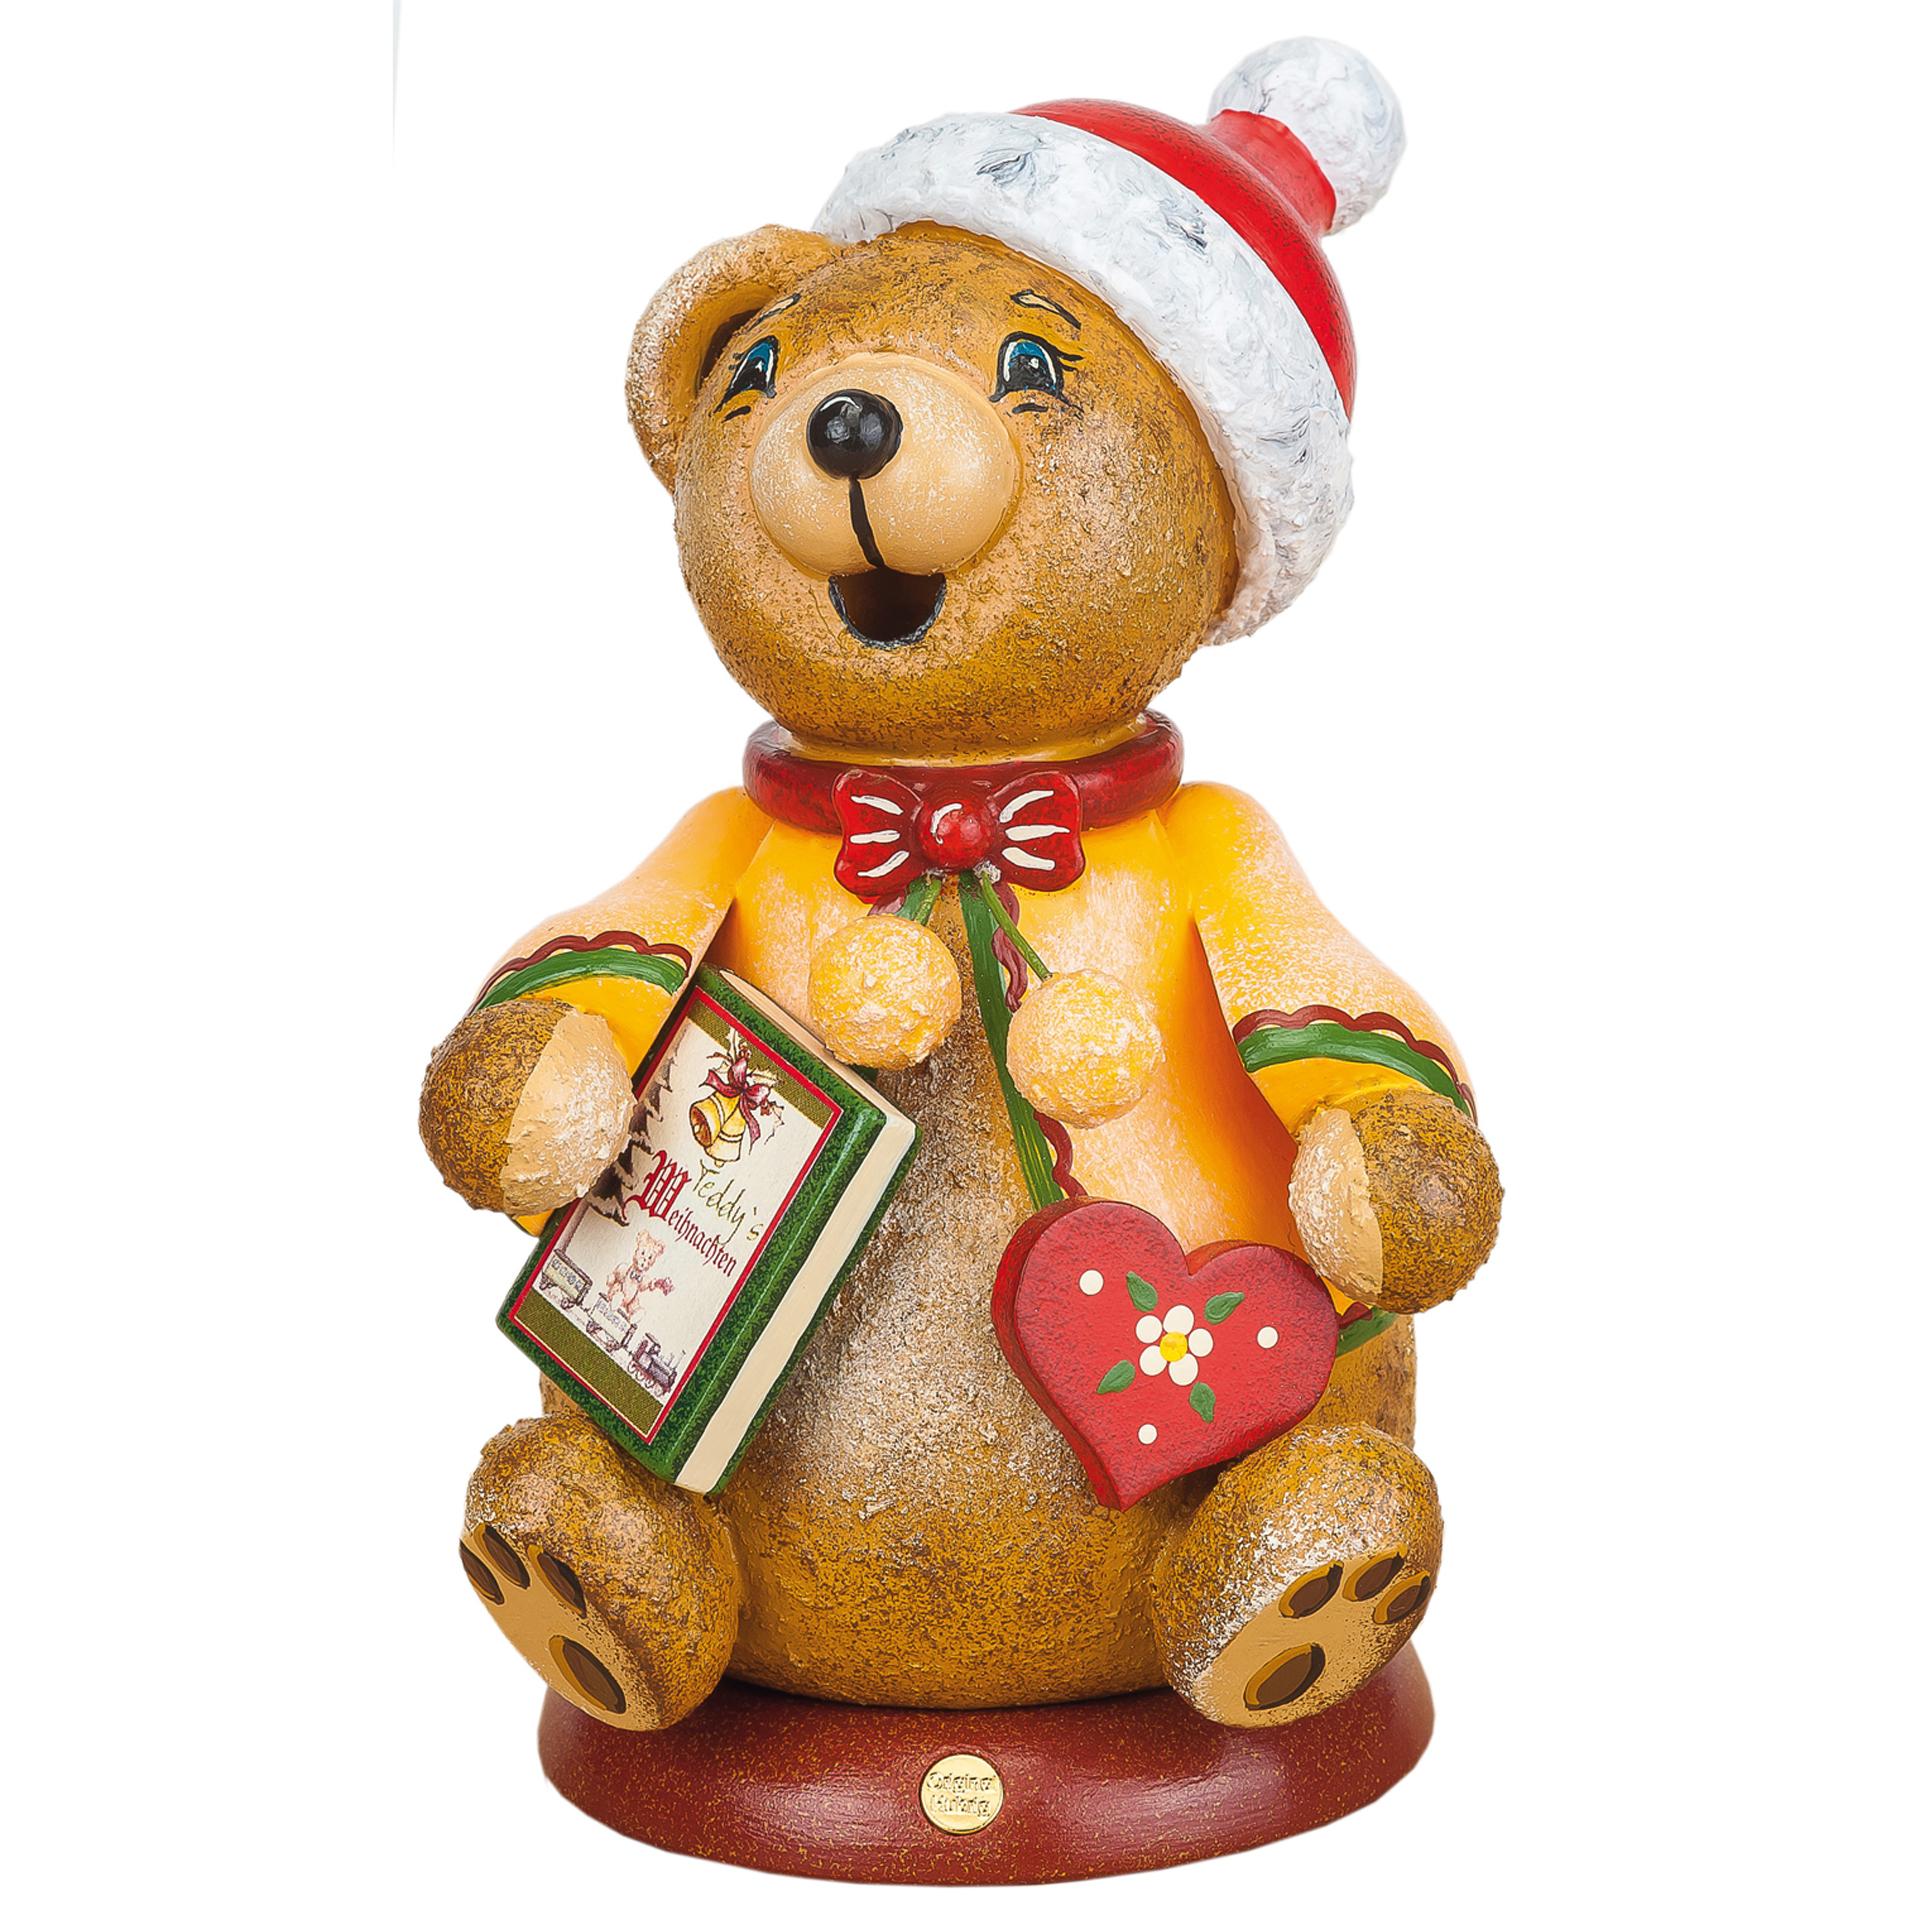 Rauchfigur Teddy's Weihnachtsgeschichte